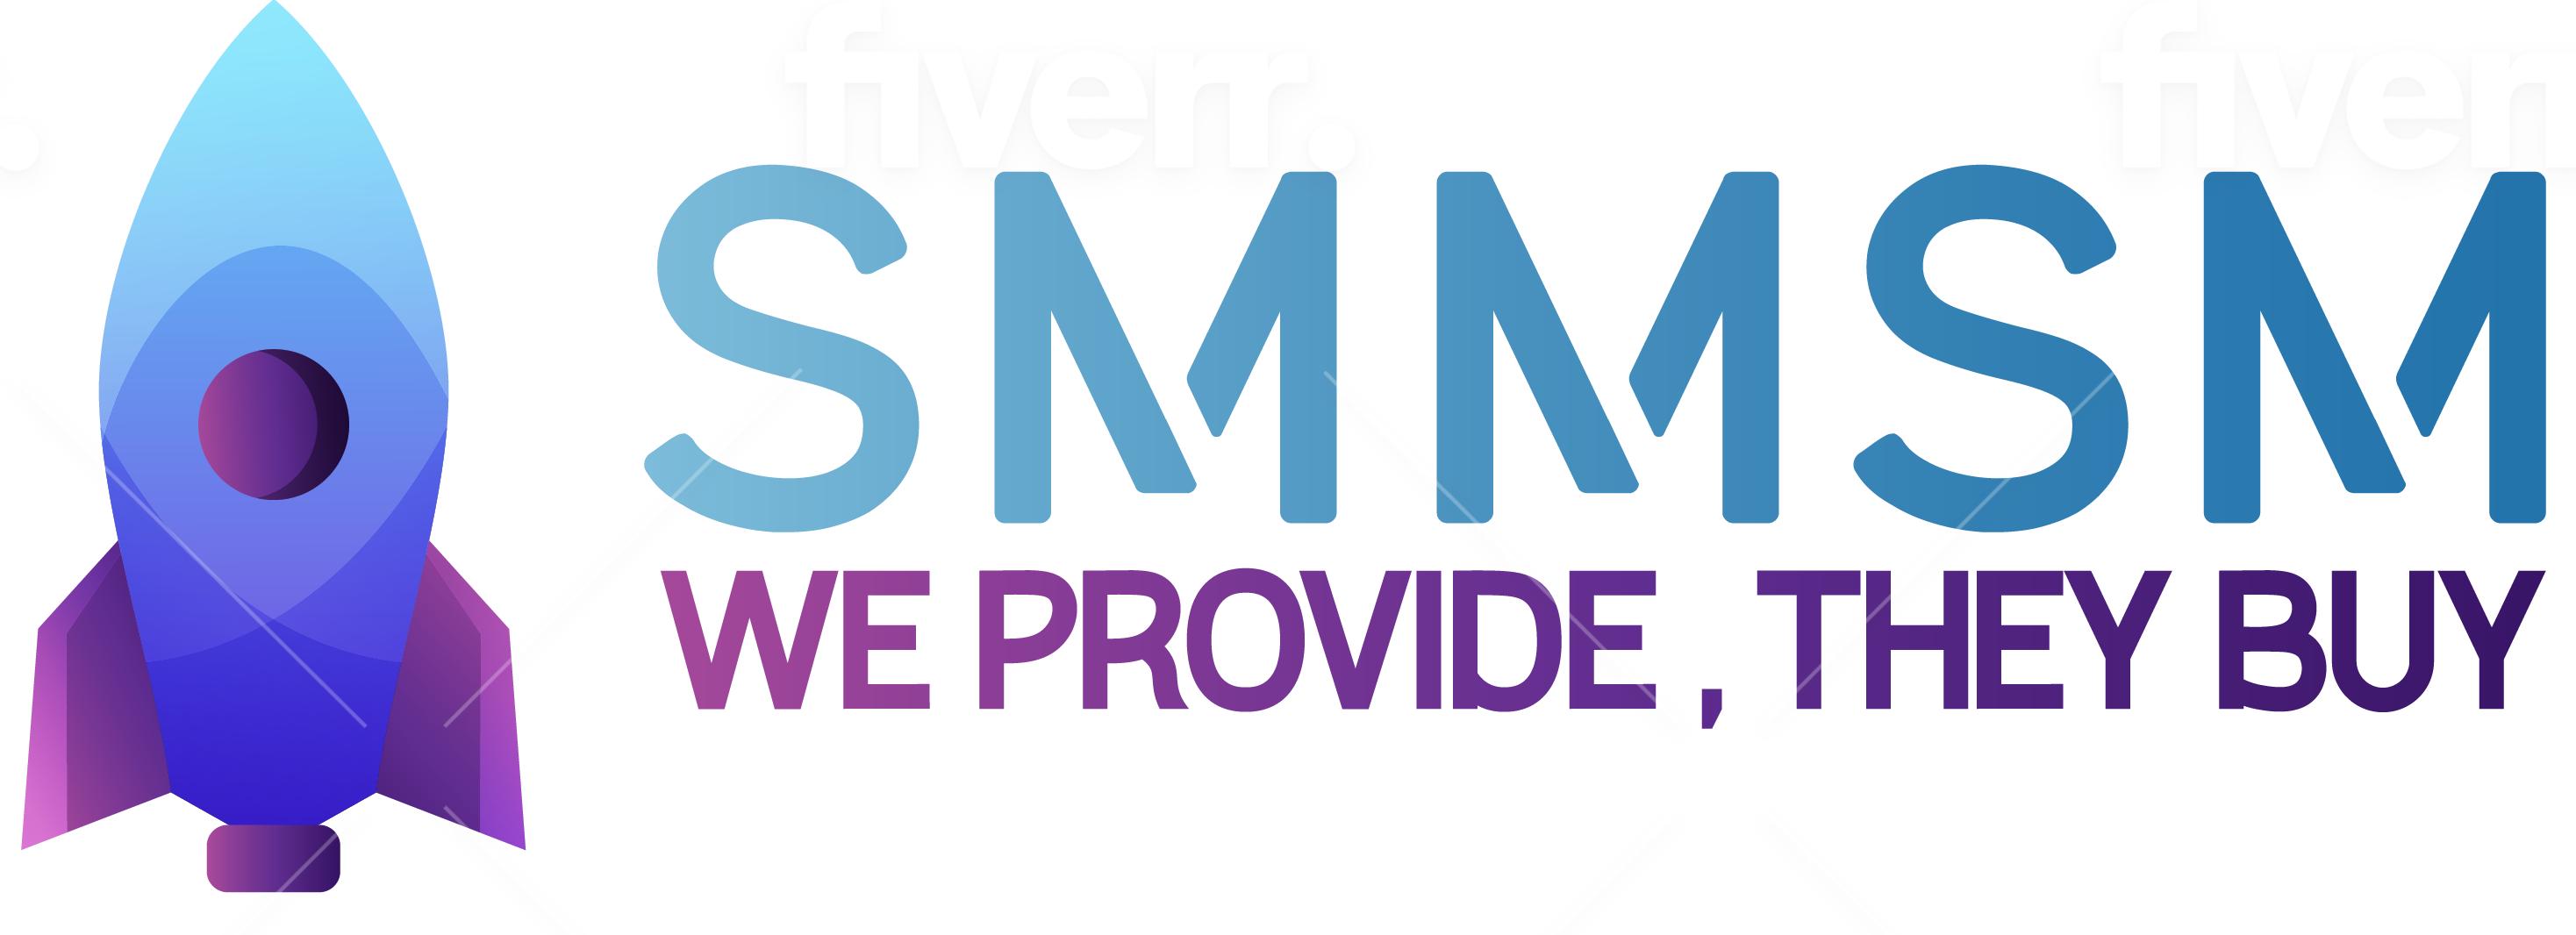 smmsm-05-1